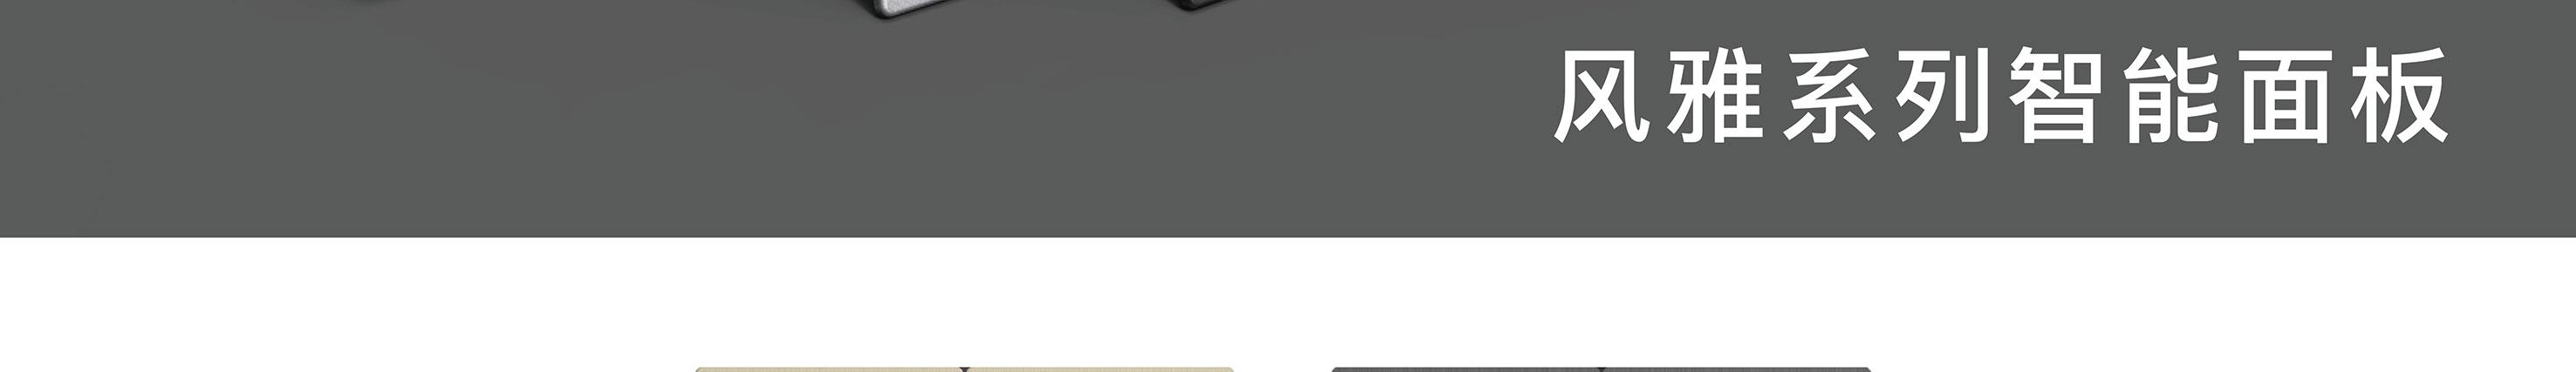 风雅系列电动窗帘控制器